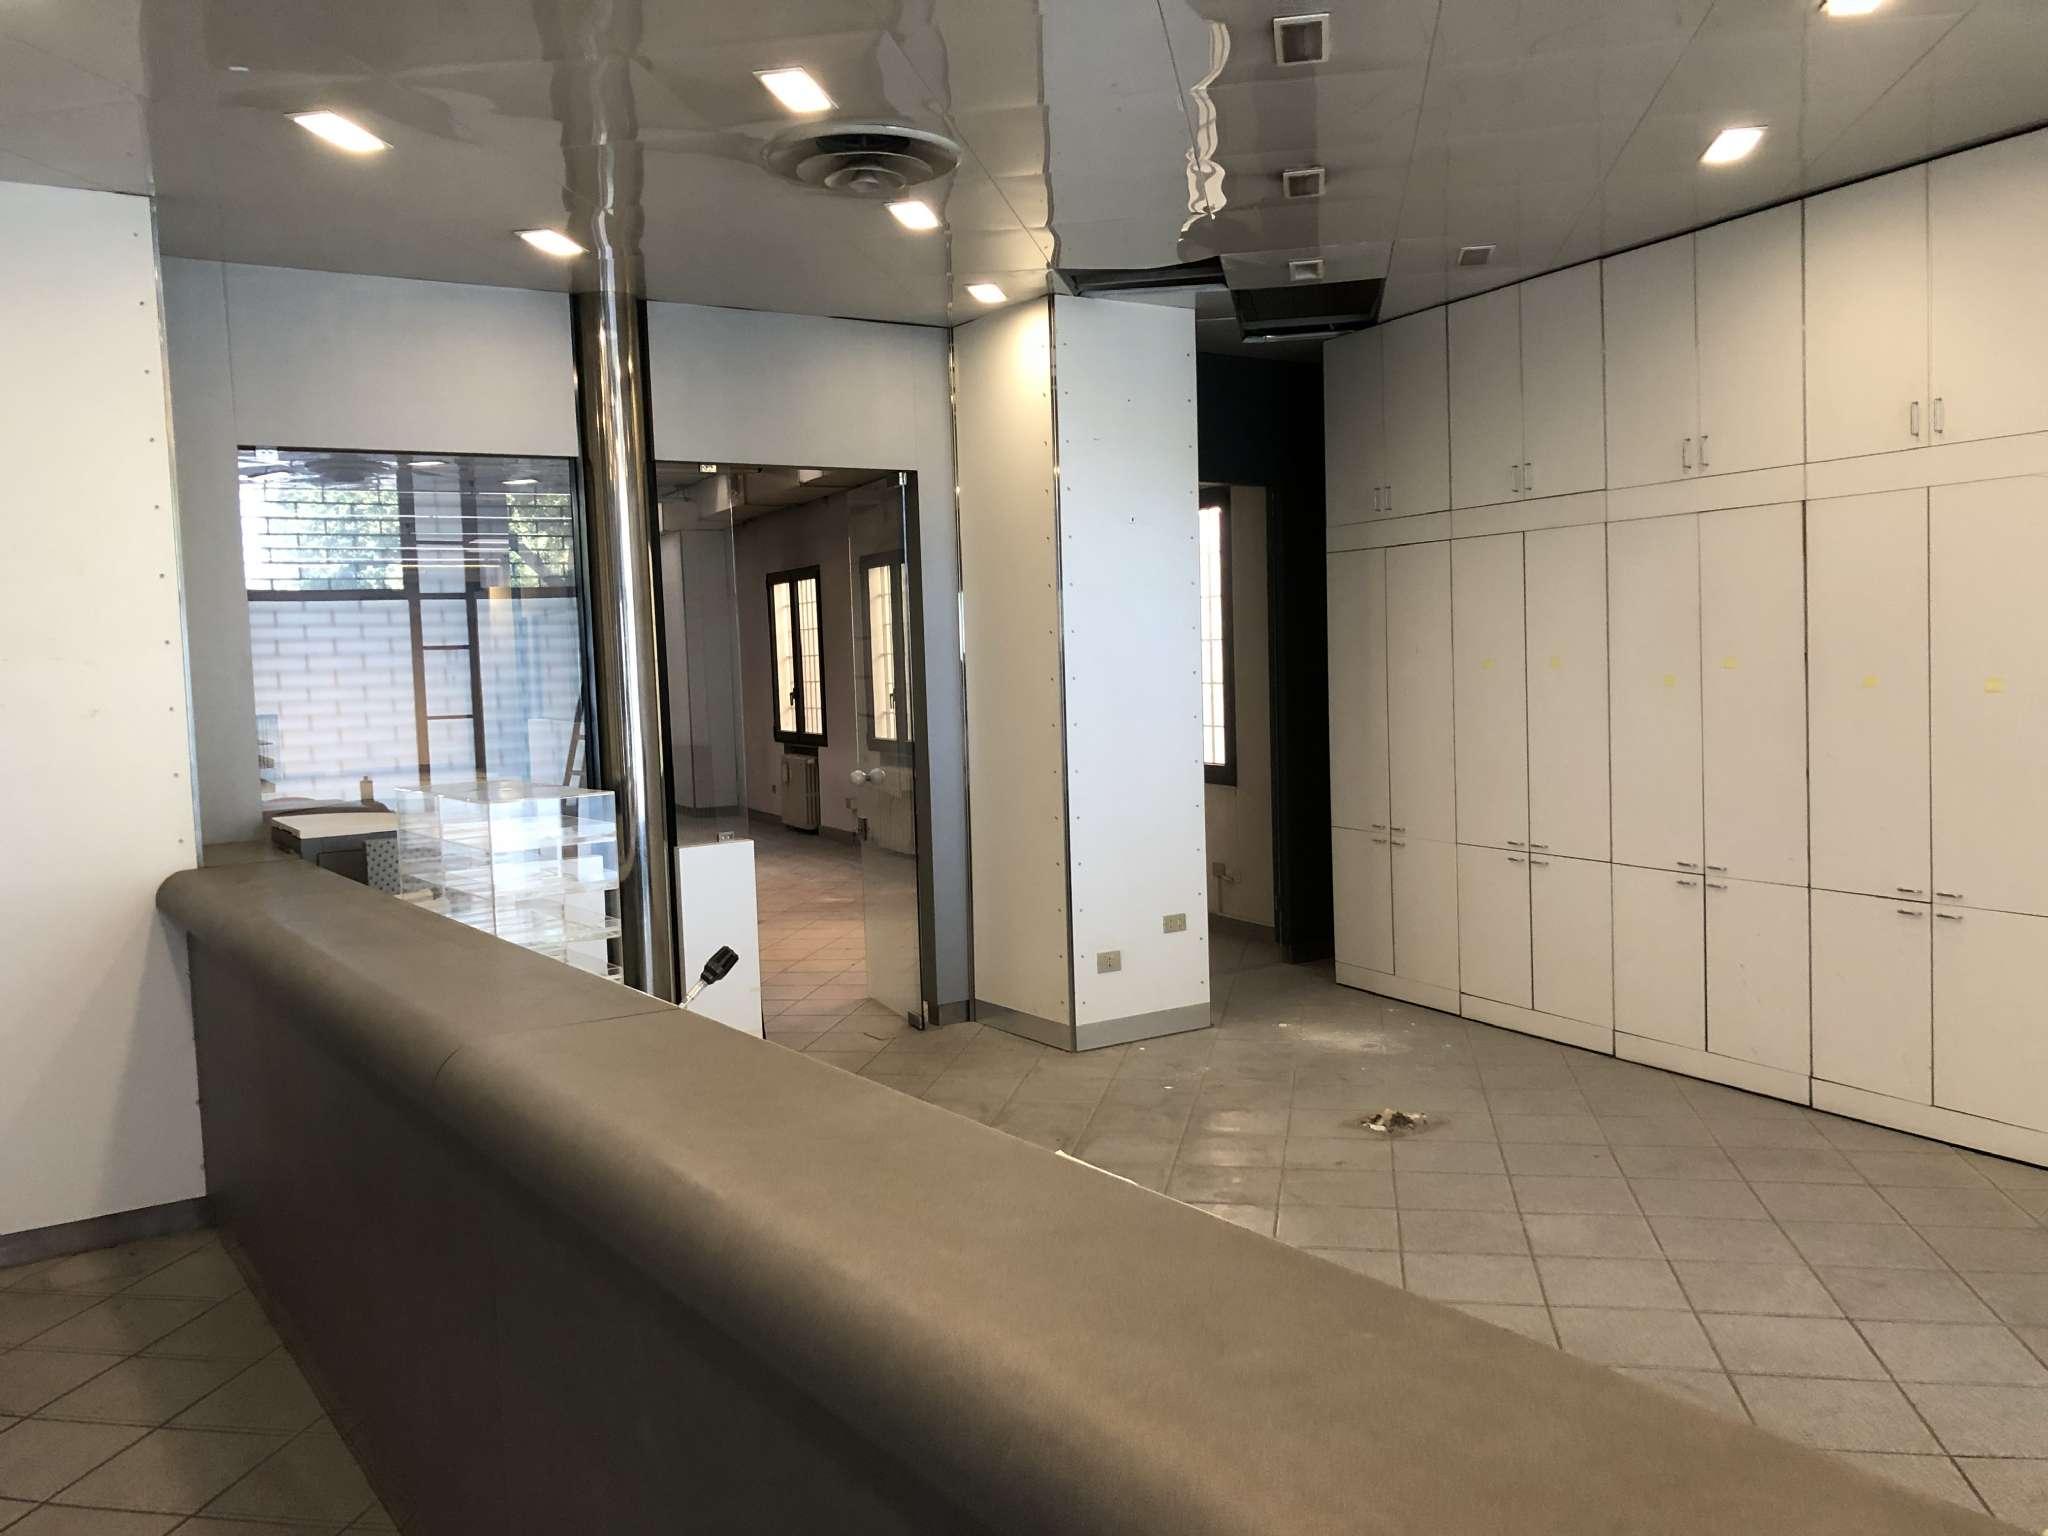 Ufficio / Studio in vendita a Bologna, 3 locali, zona Zona: 1 . Centro Storico, prezzo € 690.000 | CambioCasa.it